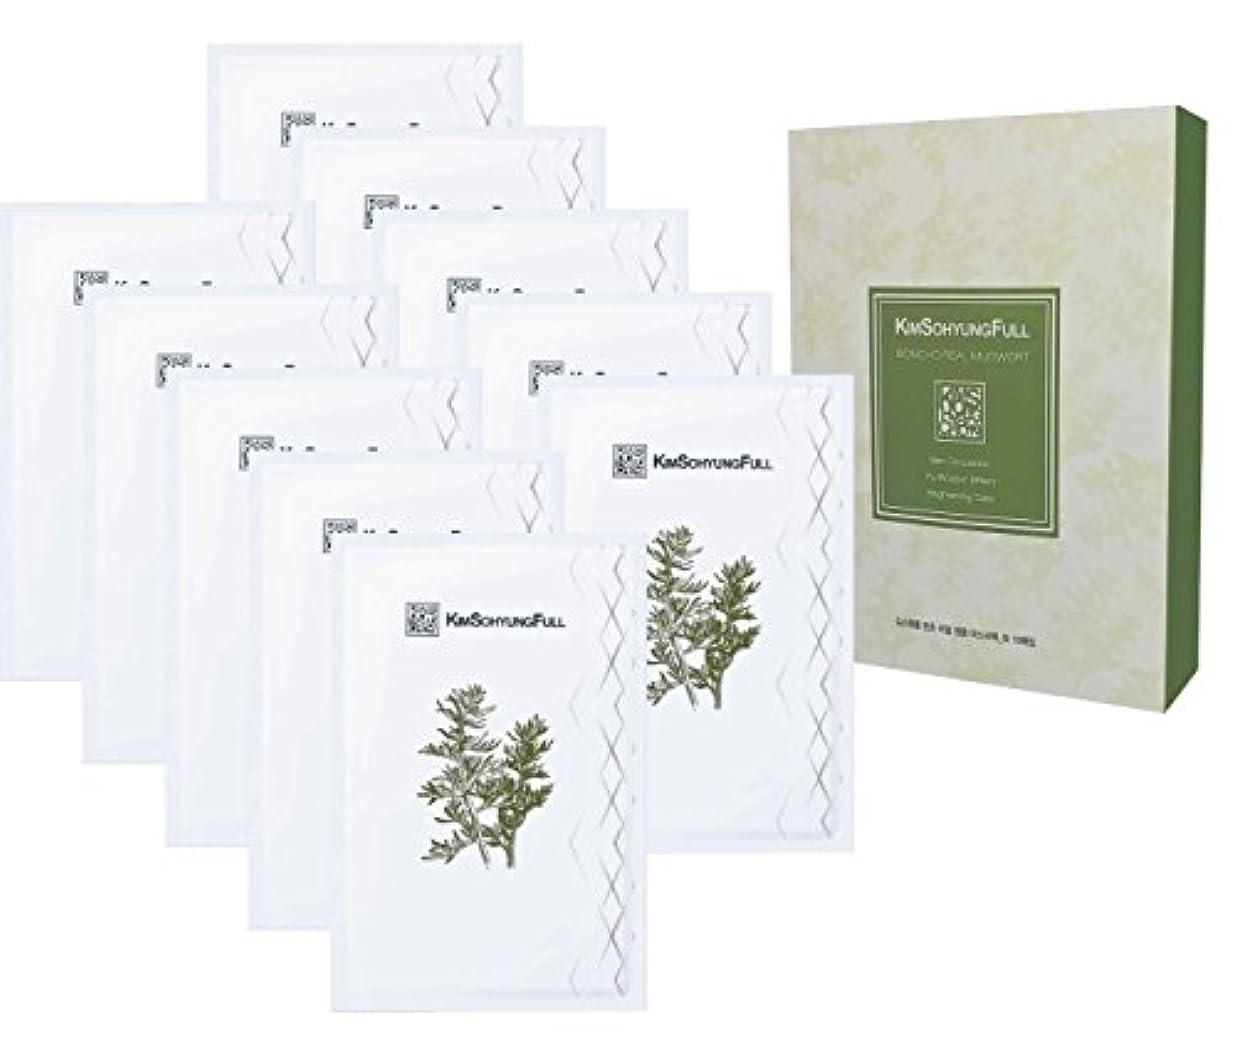 パッケージ秀でる征服者[ギムソヒョンフル] 本草 本物のヨモギを使ったシートマスク10枚パック -本物のヨモギの葉を8%配合、革新的な3層式の100%天然植物由来シート、23ml / 0.77液体オンス